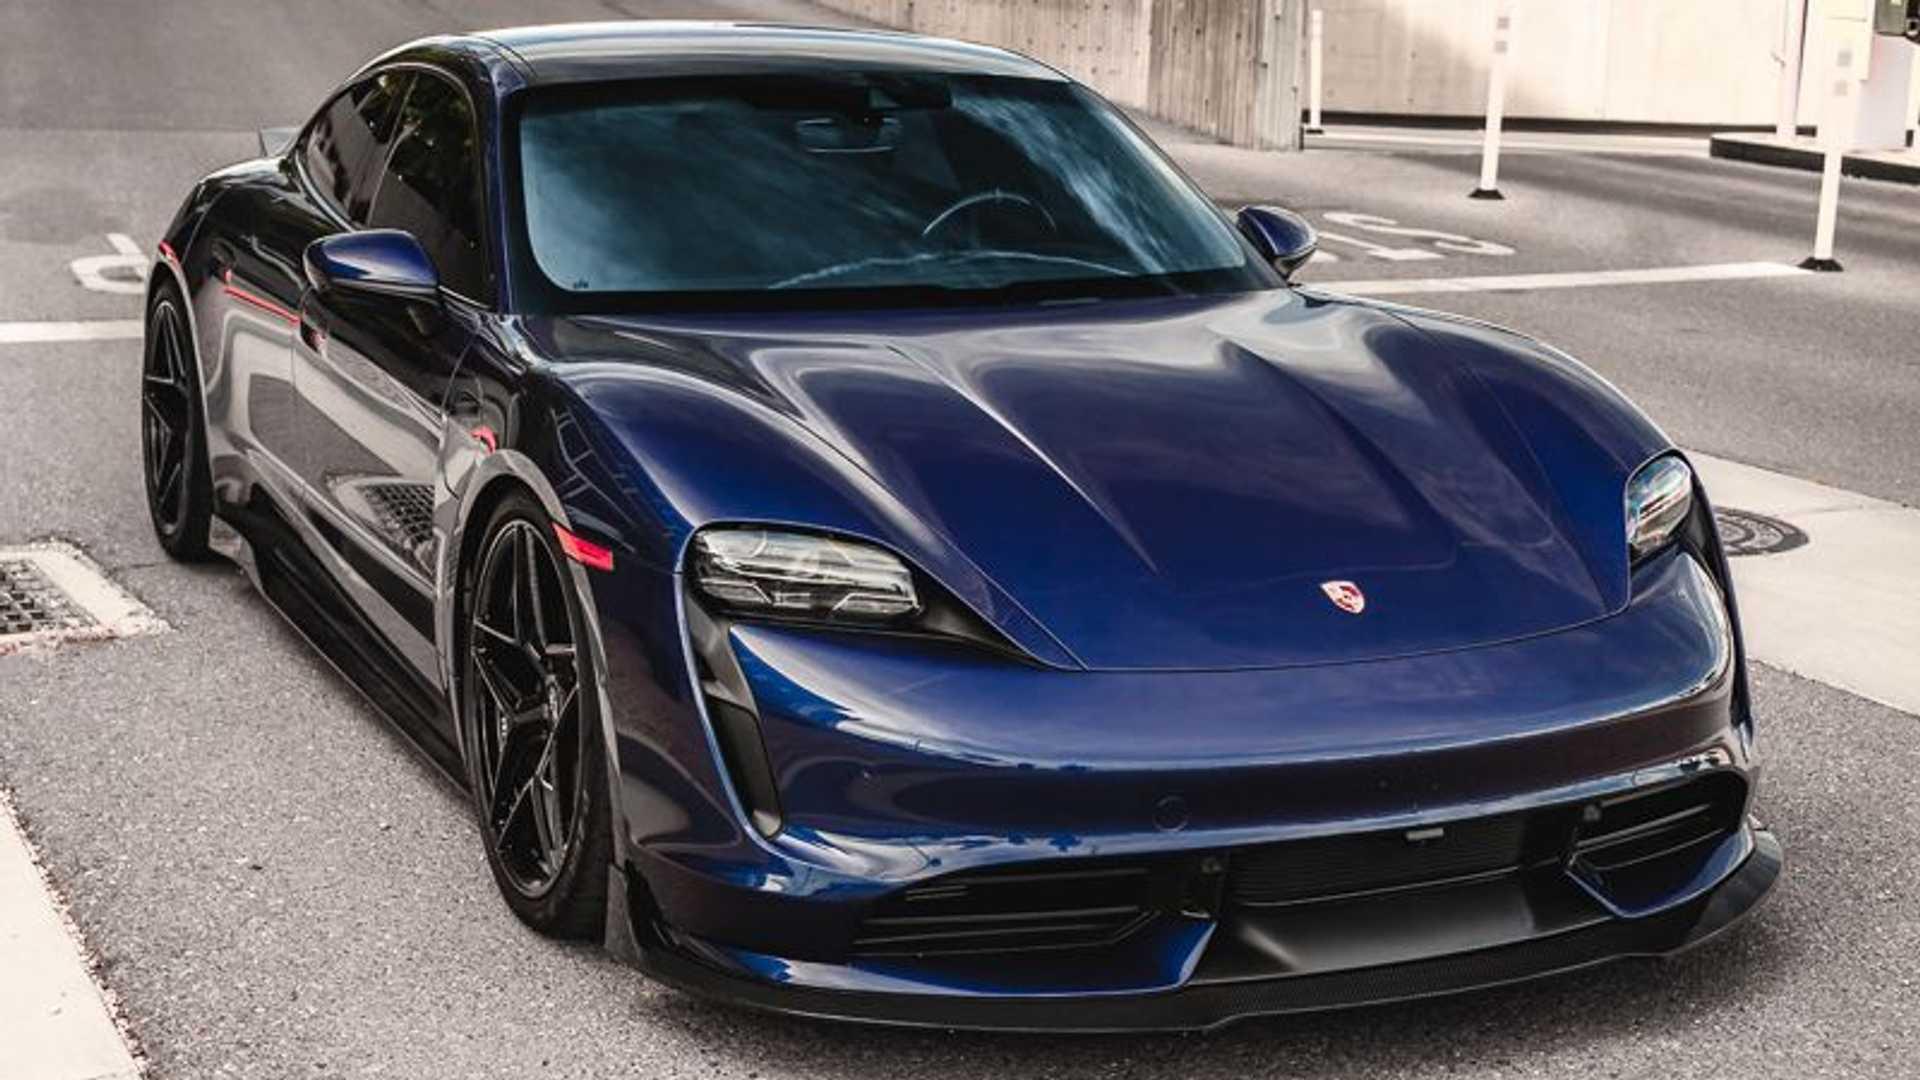 Porsche-Taycan-by-Vivid-Racing-18